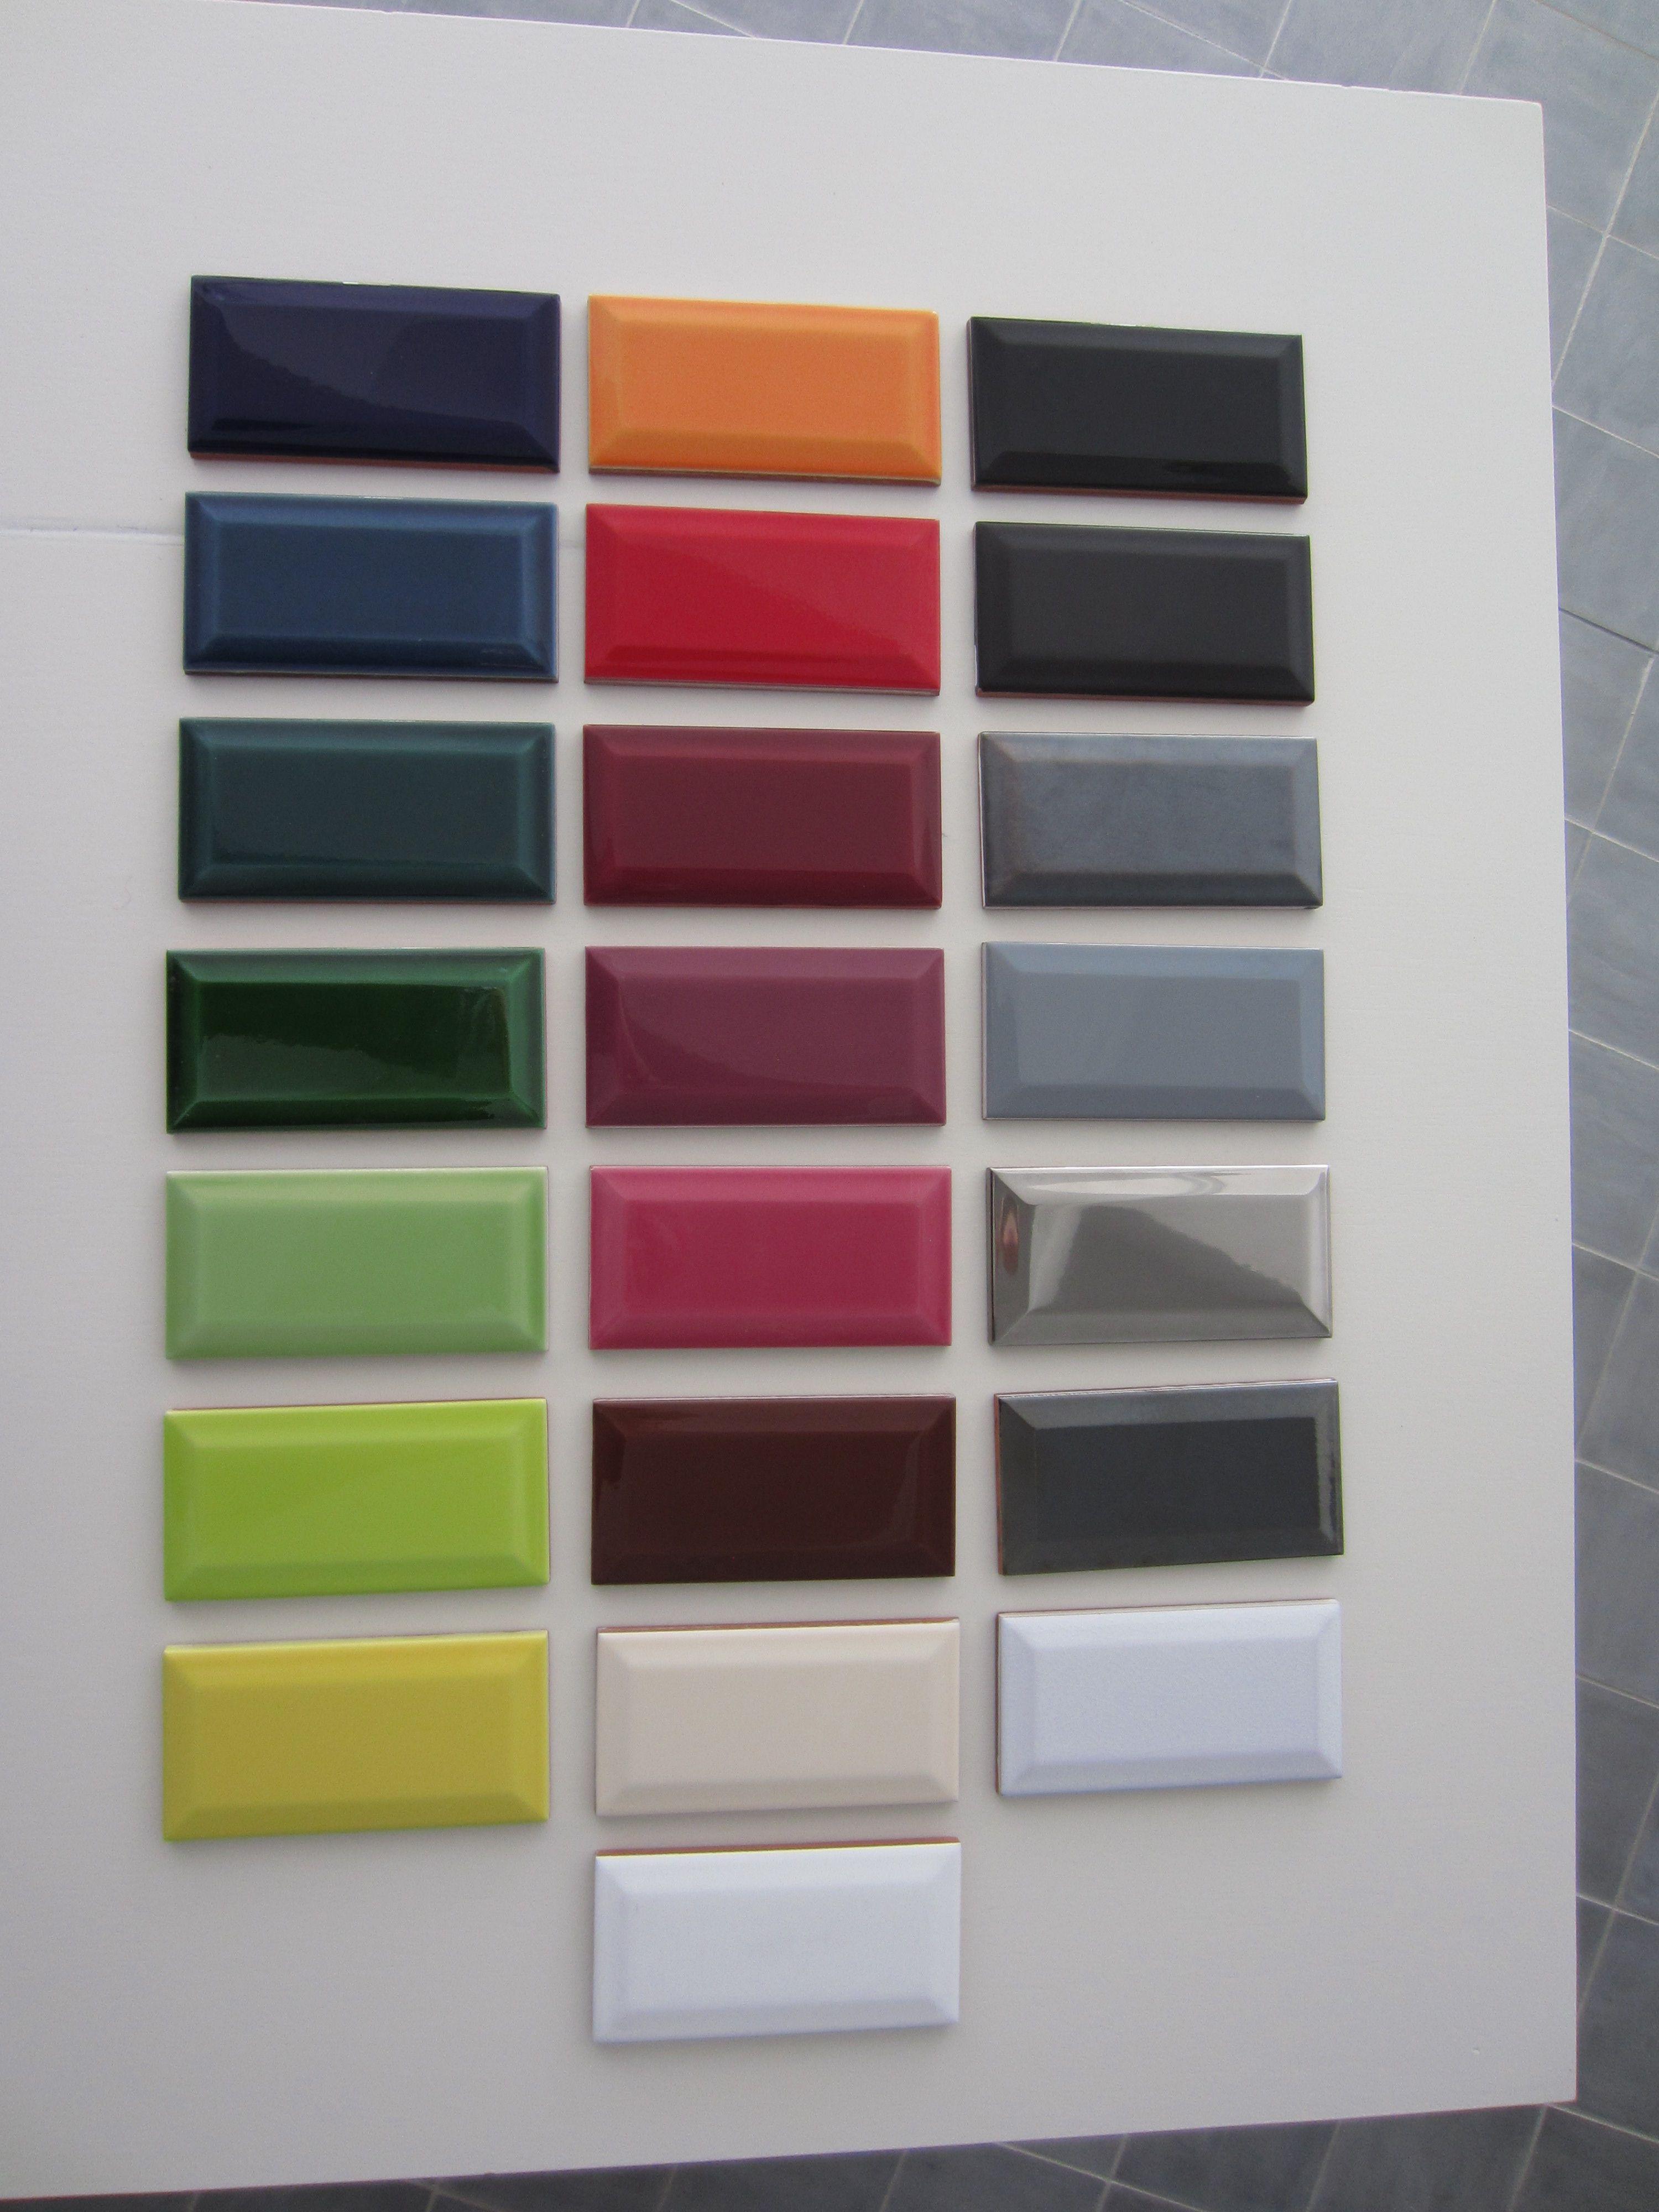 Innenfarben für haus metrofliesen bei casa  tolle farben sa  küche